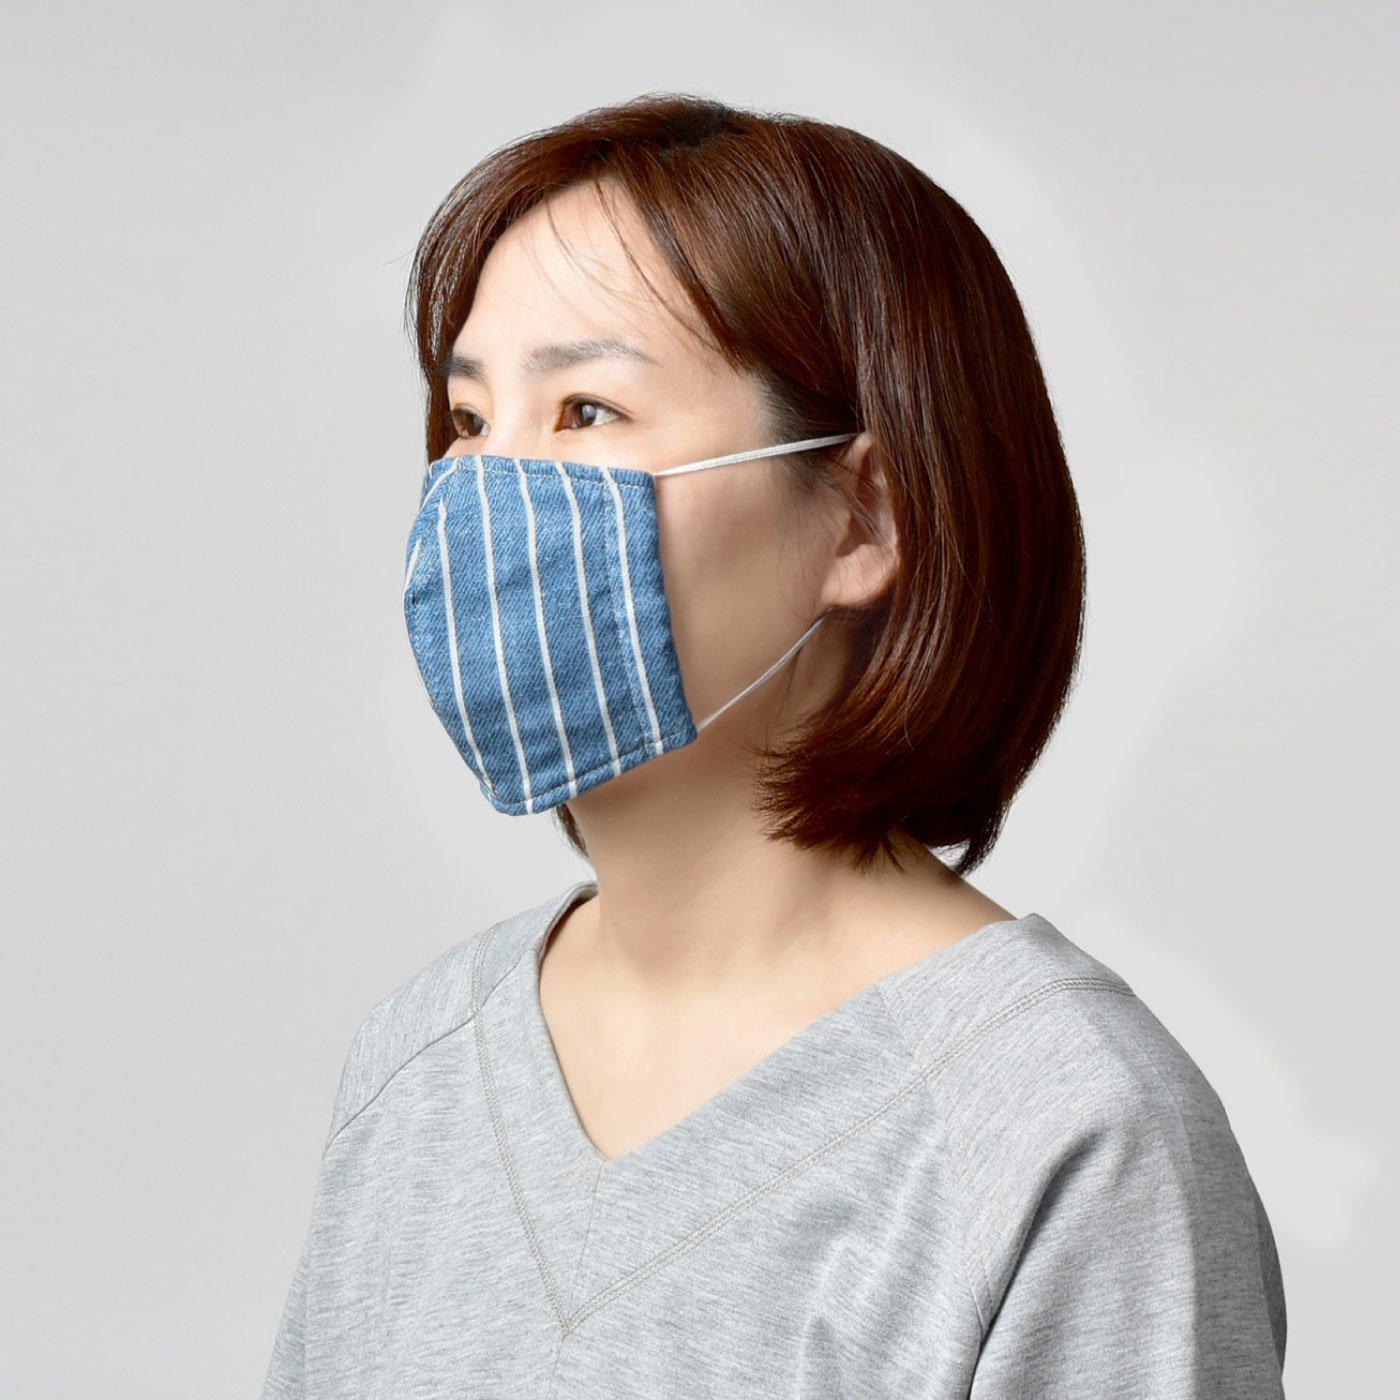 ふわふわガーゼが心地いい 日本の手づくり布マスク